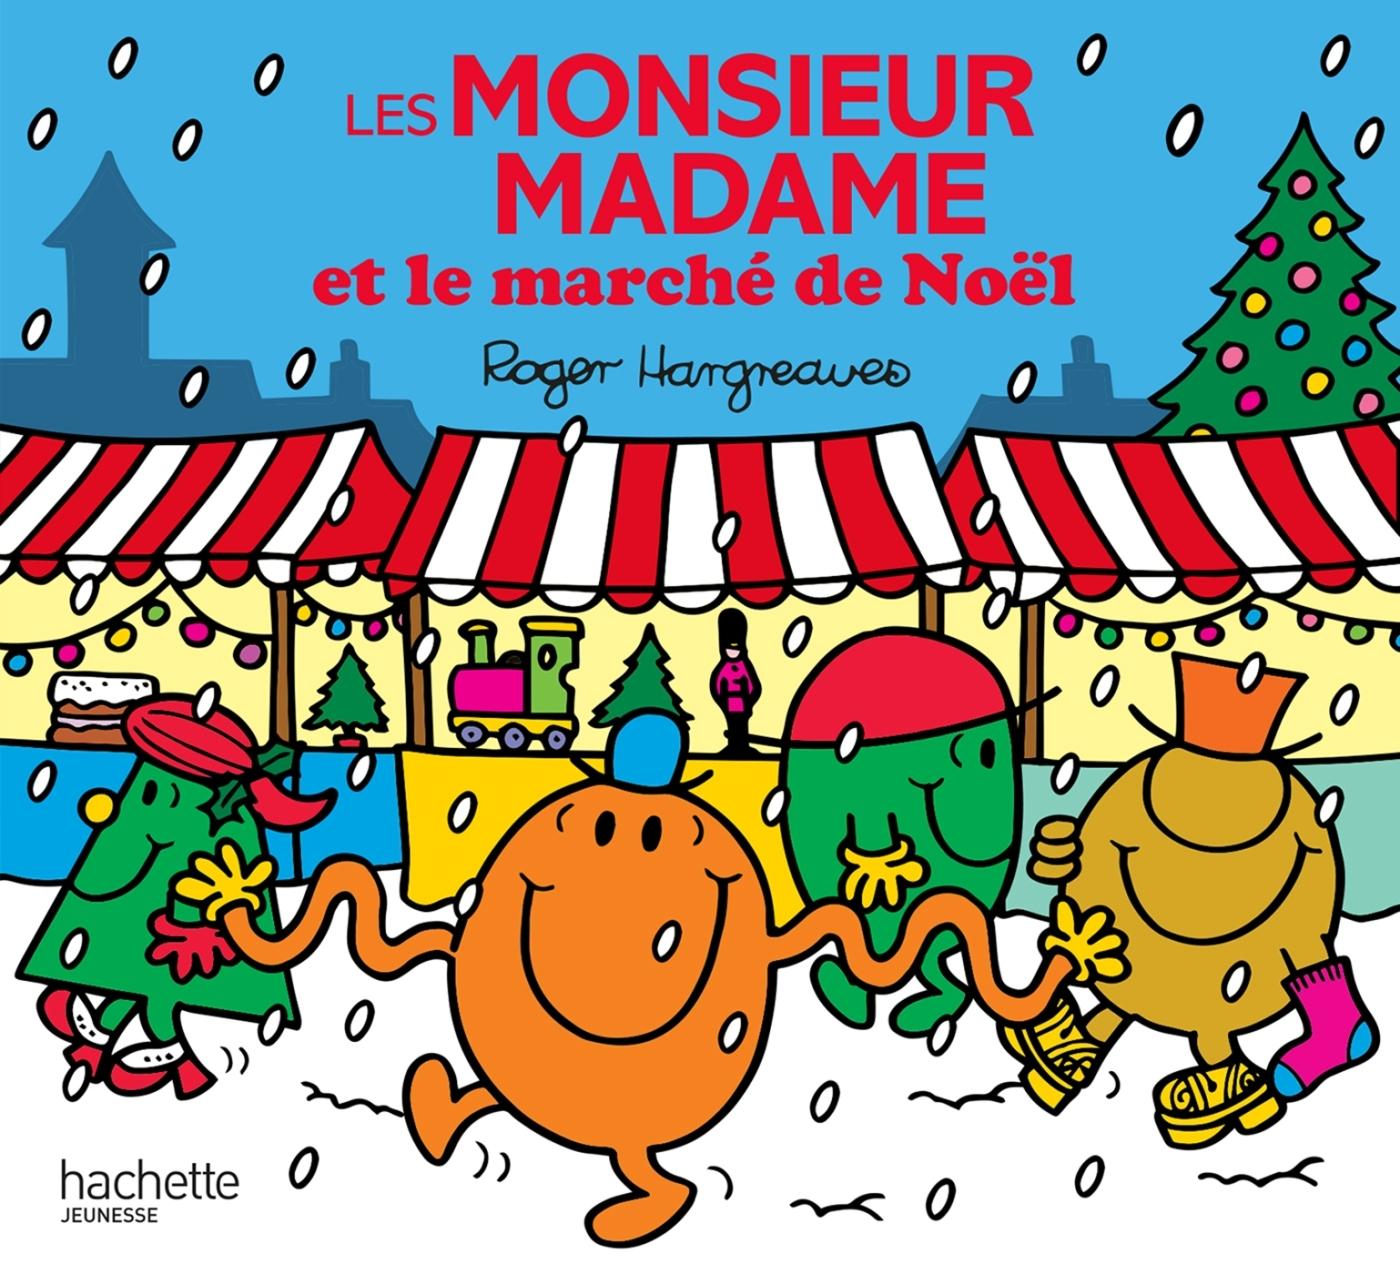 MONSIEUR MADAME - LES MONSIEUR MADAME ET LE MARCHE DE NOEL